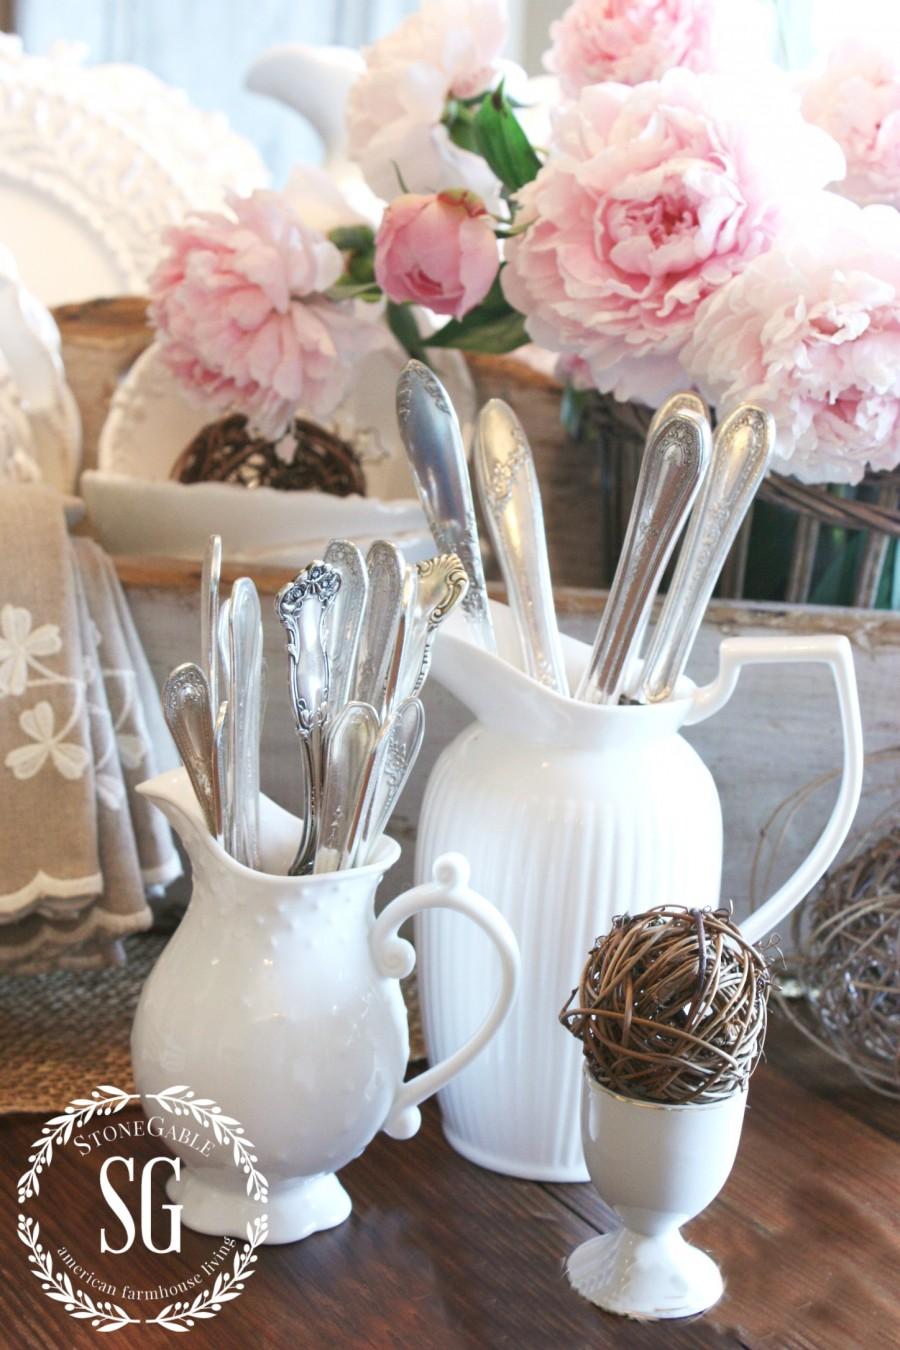 FARMHOUSE STYLE WHITE PITCHERS - StoneGable on Farmhouse:4Leikoxevec= Rustic Kitchen Ideas  id=54226